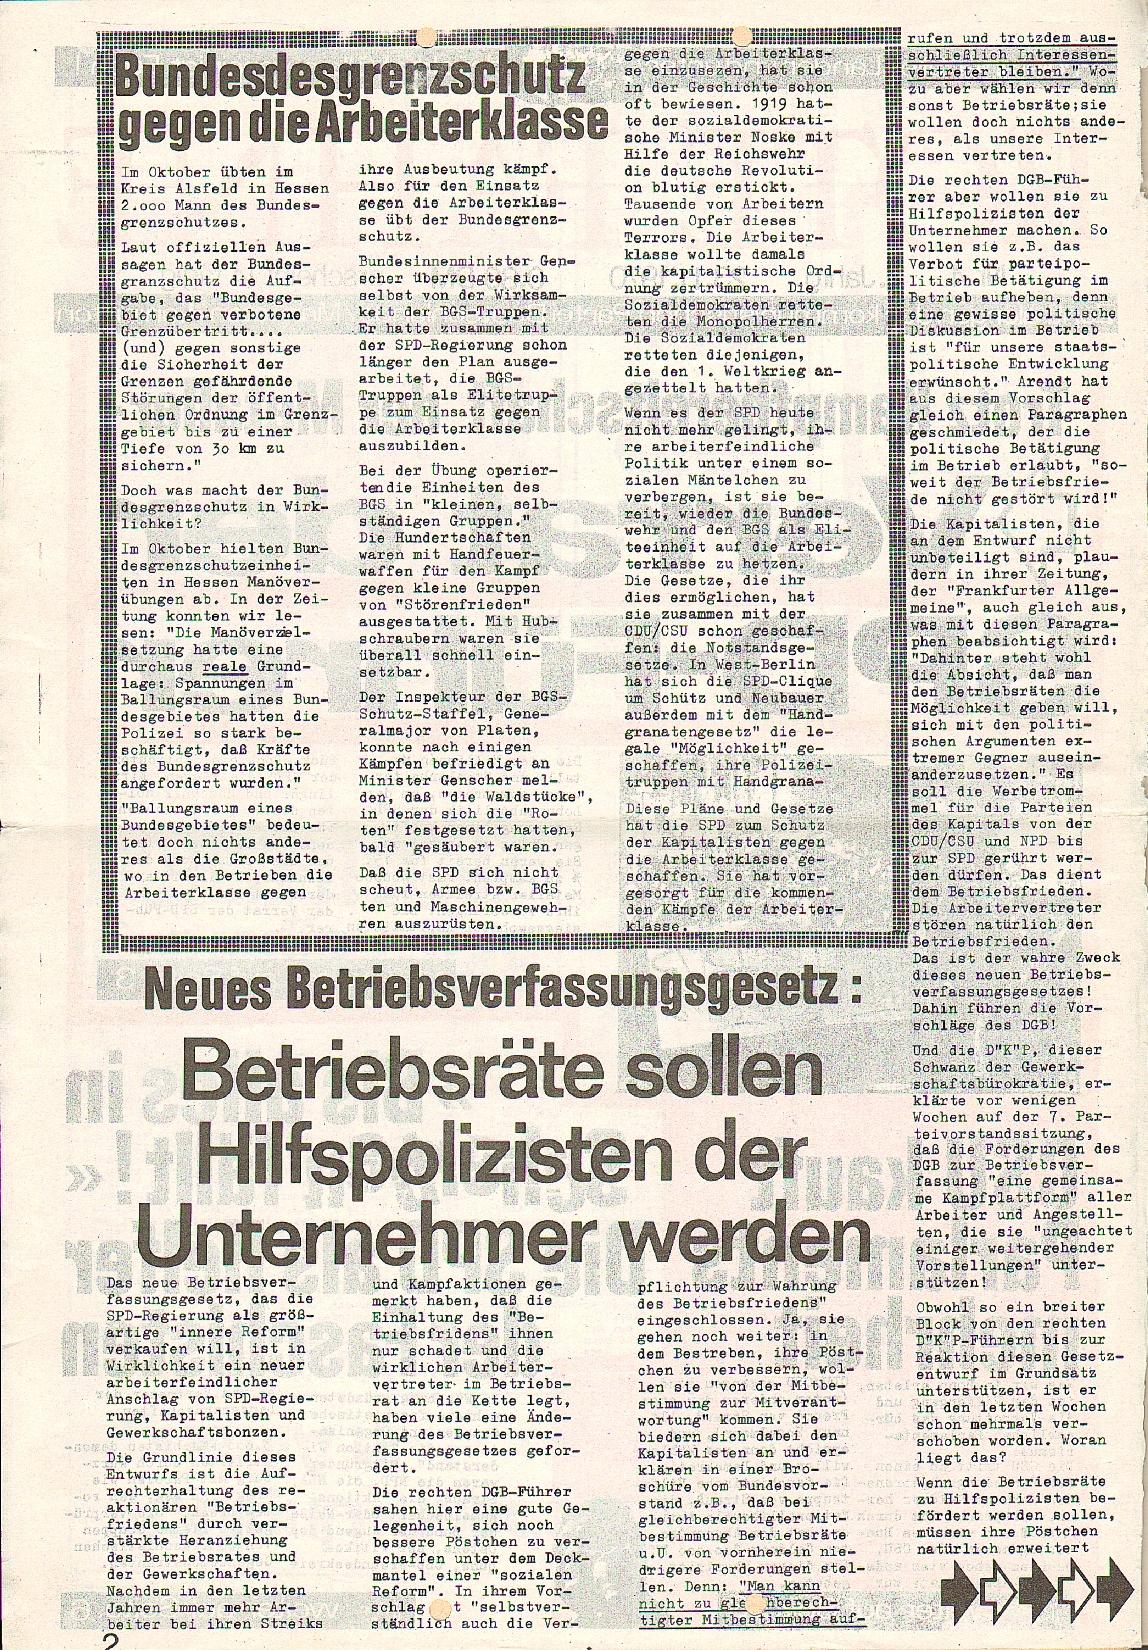 Rote Fahne, 1. Jg., 23.11.1970, Nr. 4, Seite 2